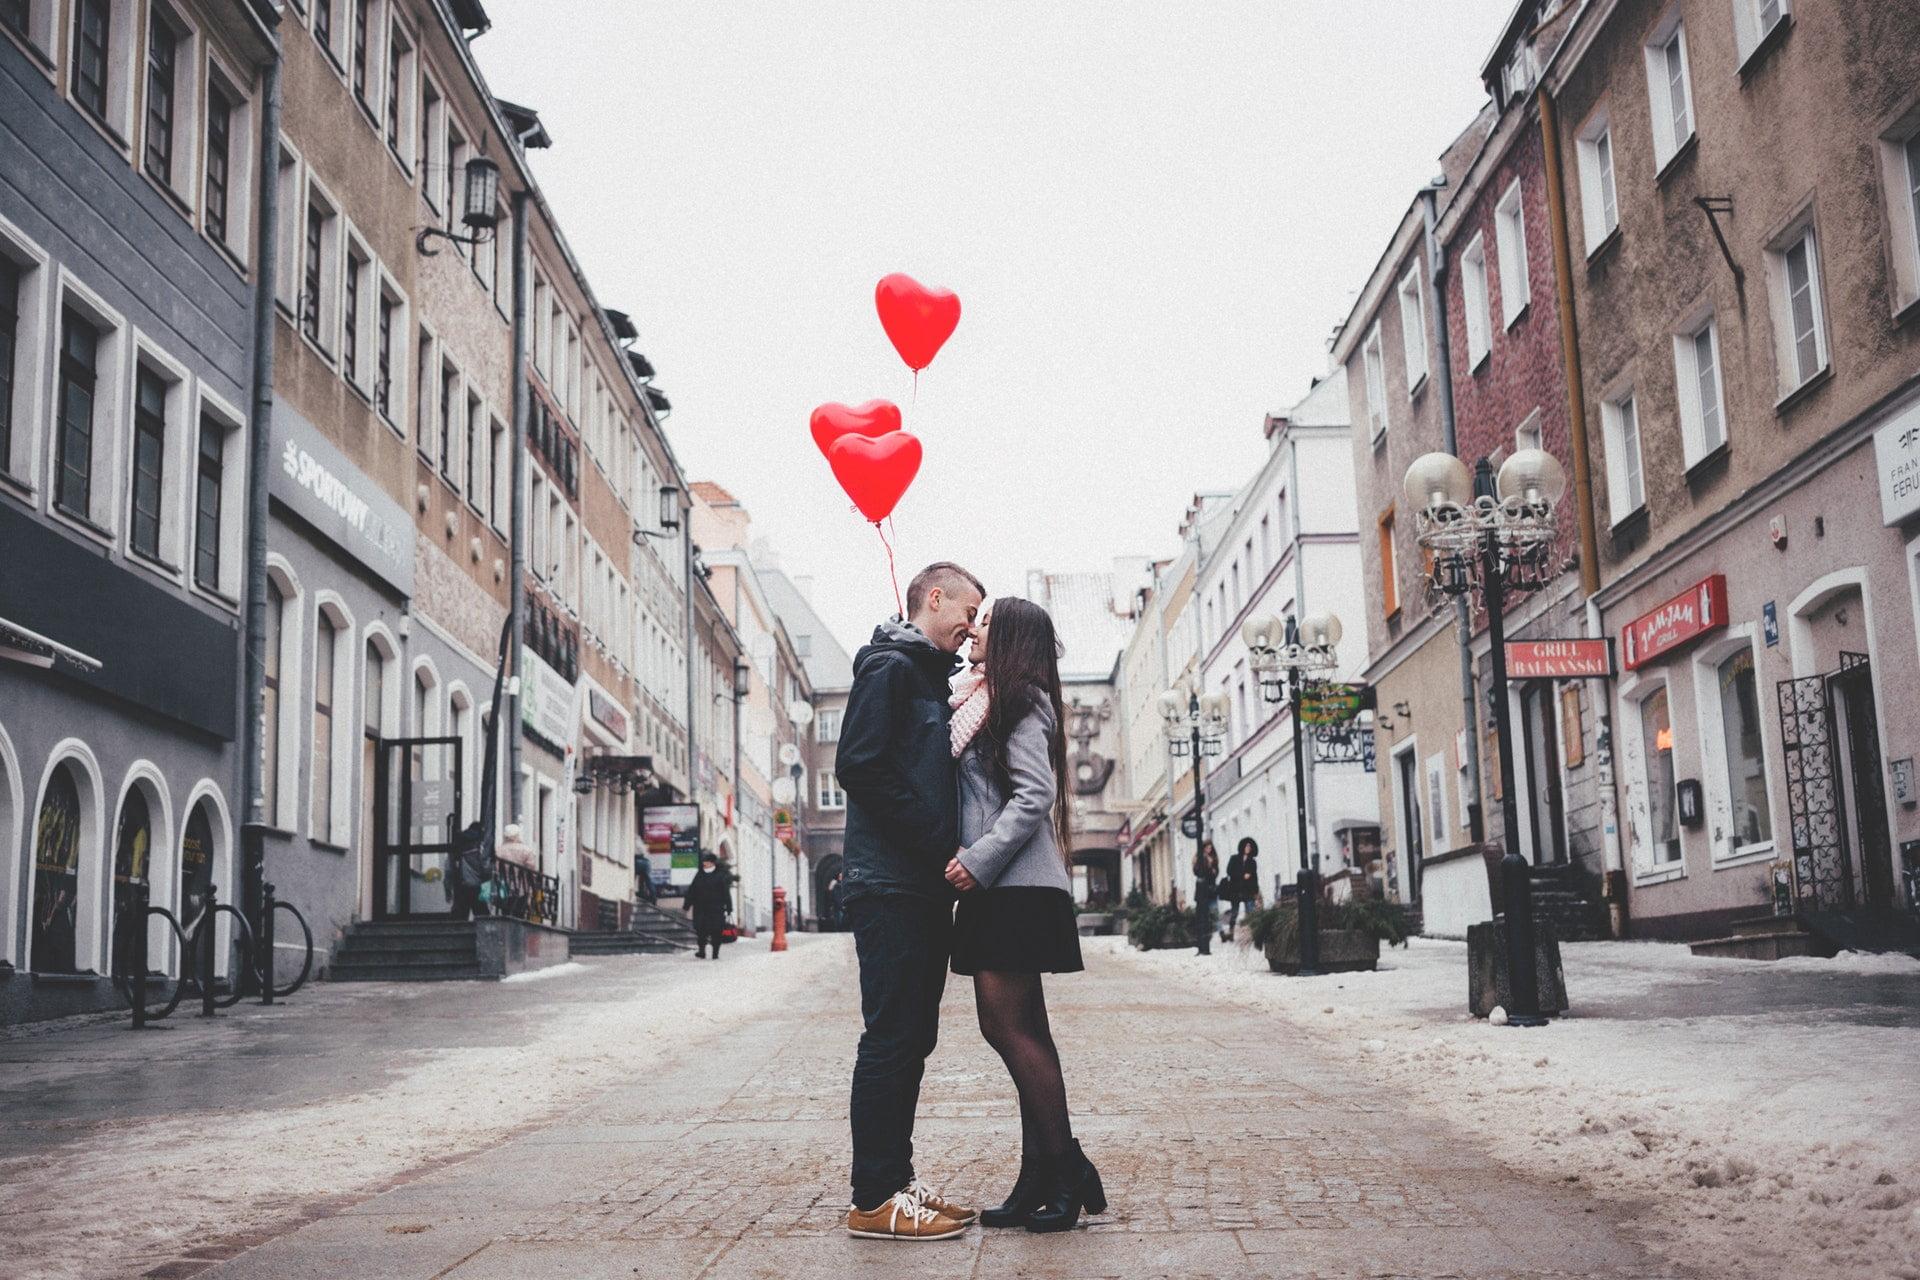 女朋友、老婆稱呼男朋友、老公的10種甜蜜暱稱